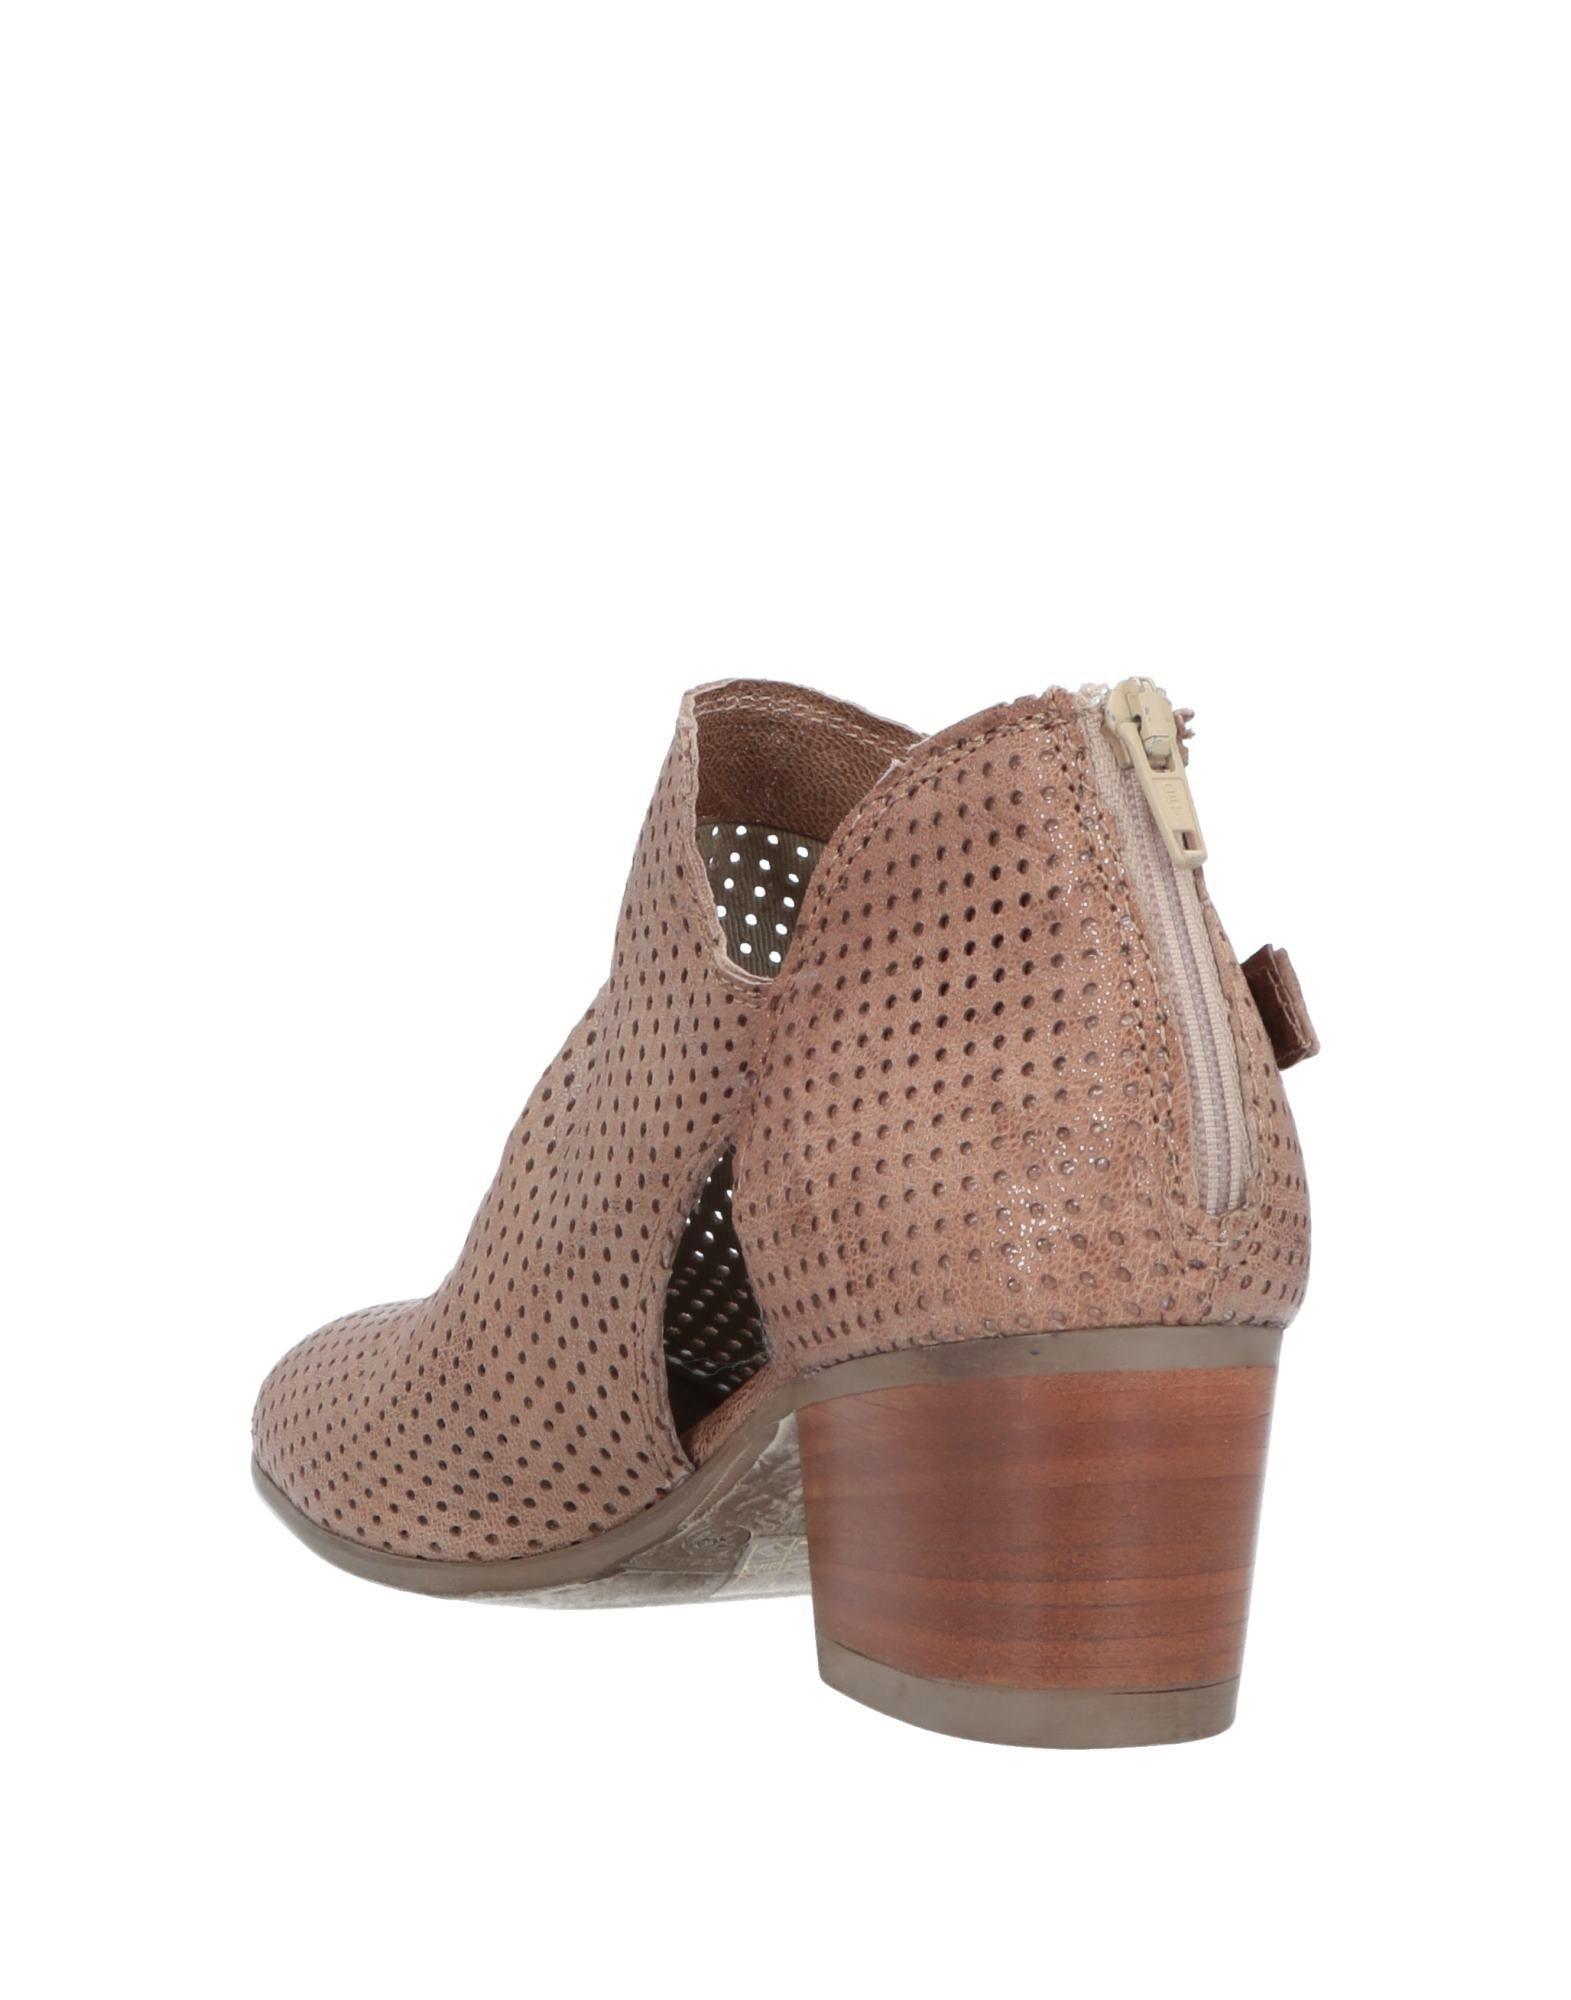 63a148e07e76 Lyst - Fabbrica Deicolli Ankle Boots in Natural